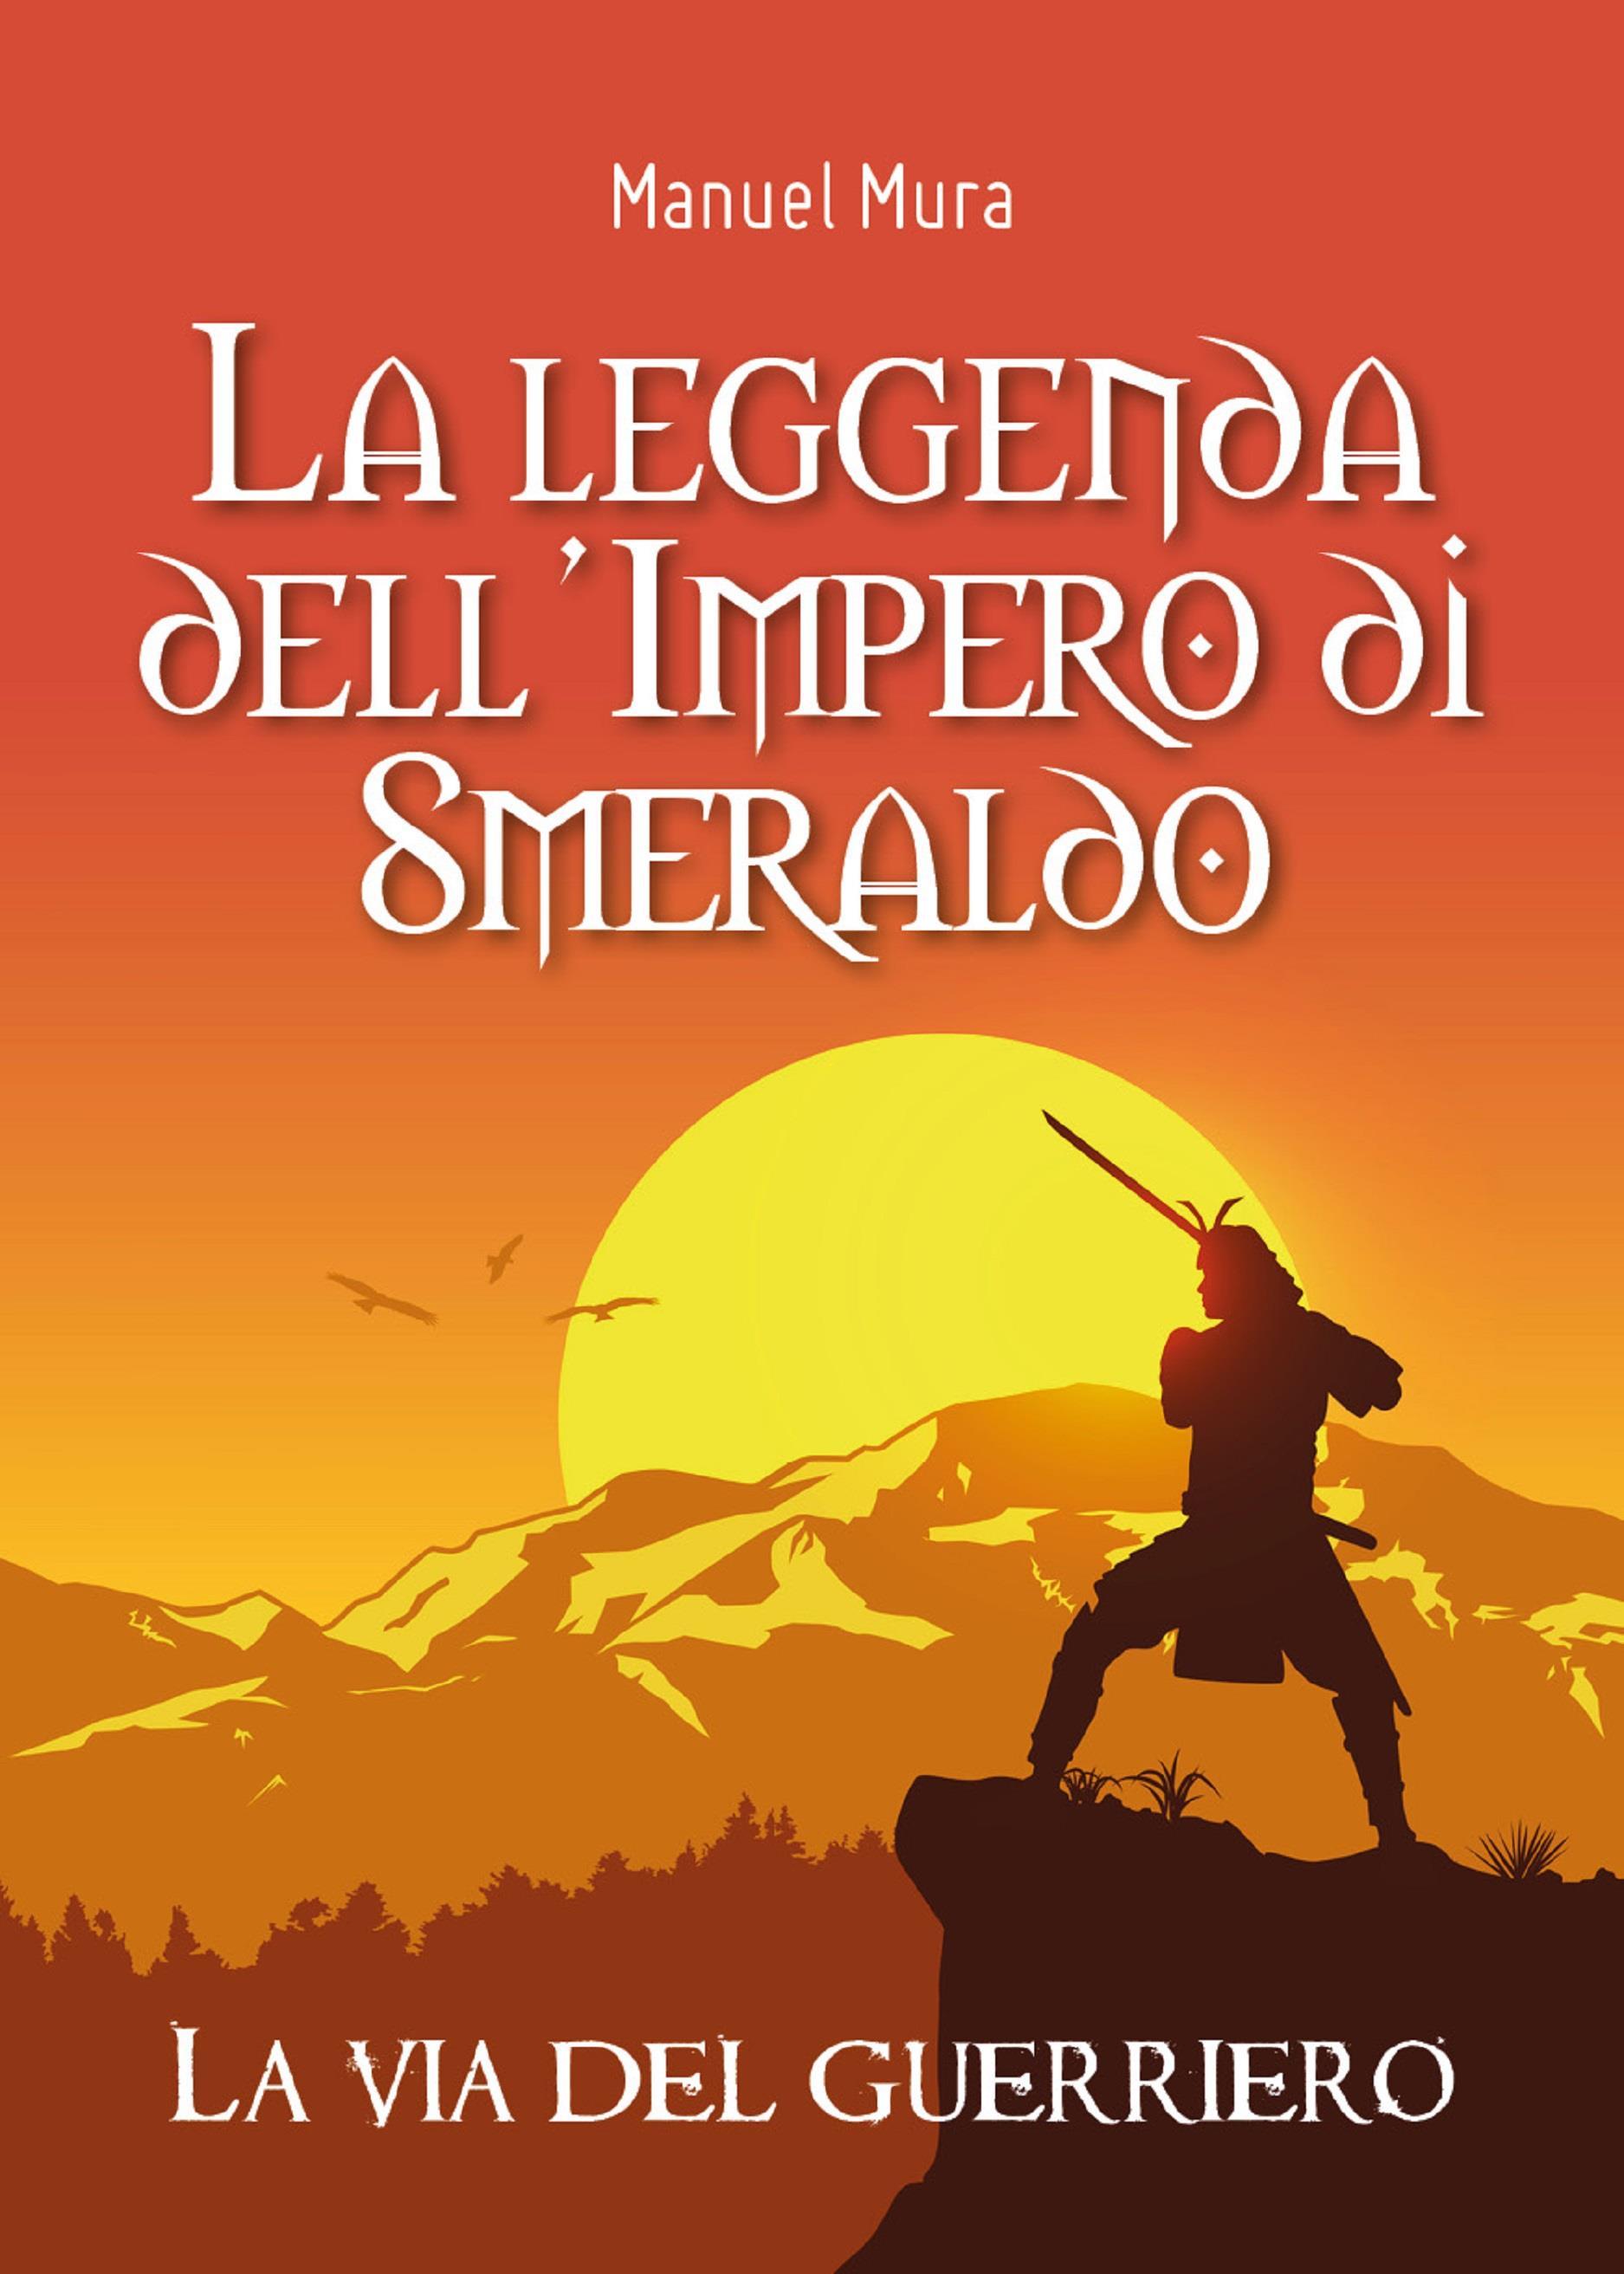 La leggenda dell'Impero di Smeraldo. La via del guerriero